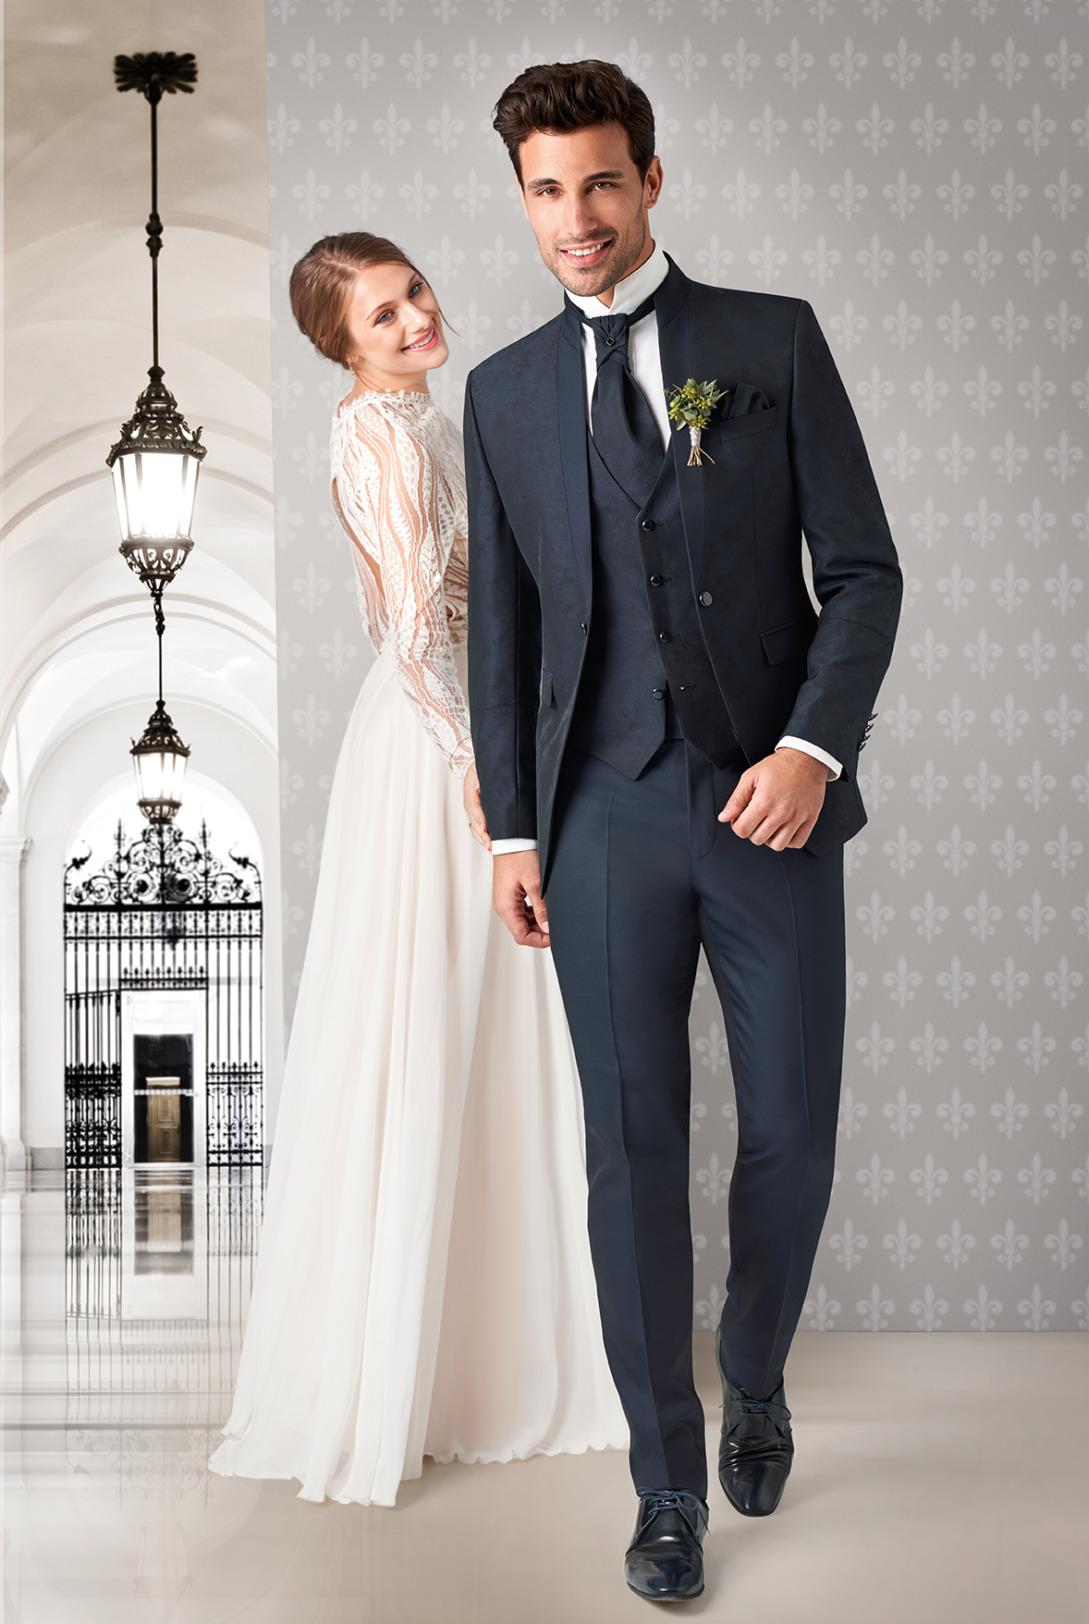 Wilvorst Tziacco Hochzeitsanzug Männer Mode Bräutigam extravagant dunkelblau Einknopf kleiner Stehkragen mit Weste Jabot weisses Hemd